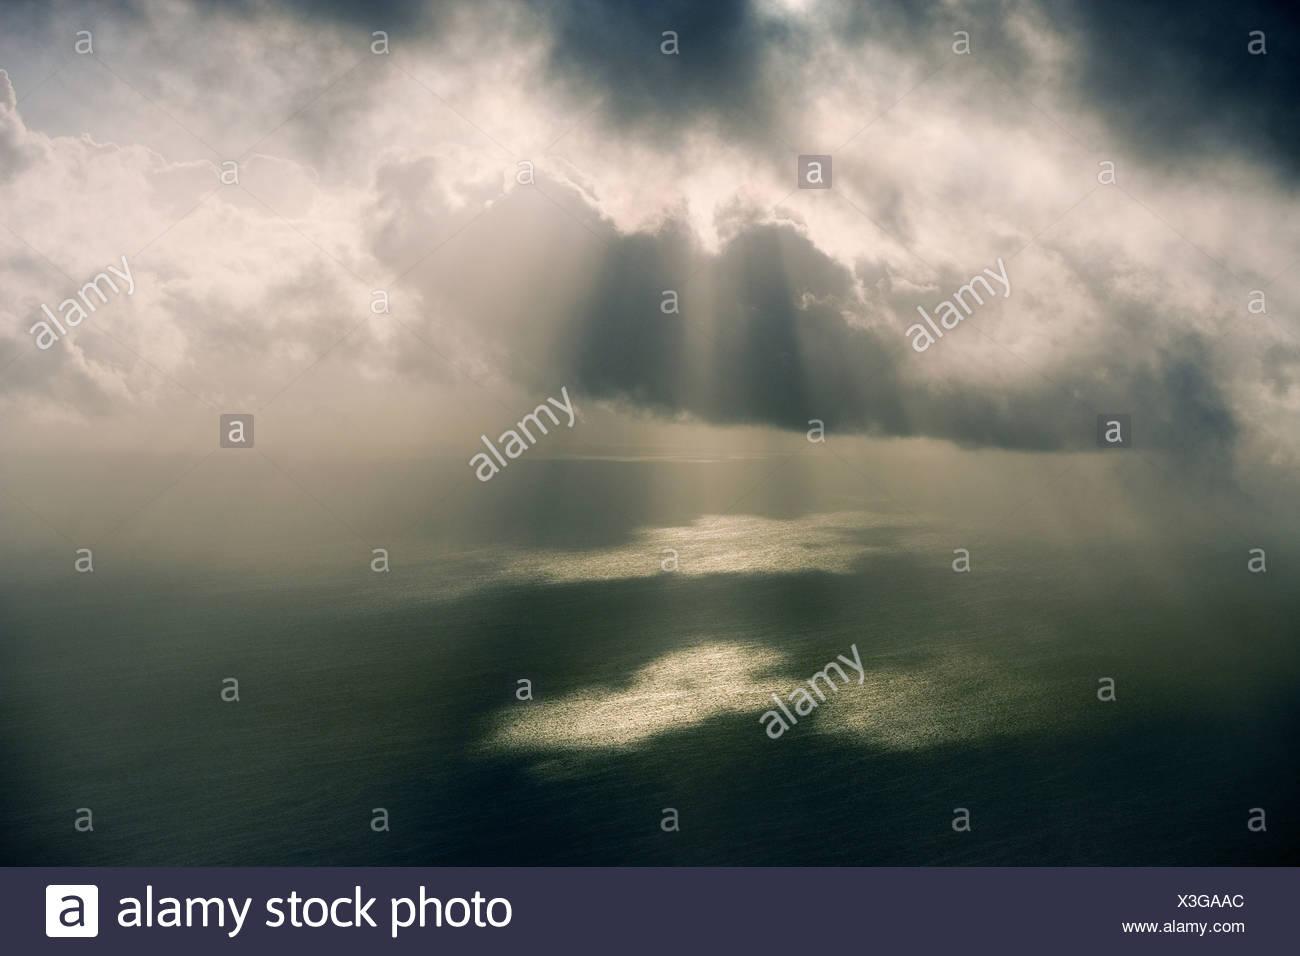 Strahlen der Sonne durch einen Sturm, Türken und Caicos Inseln, Karibik, UK Stockbild